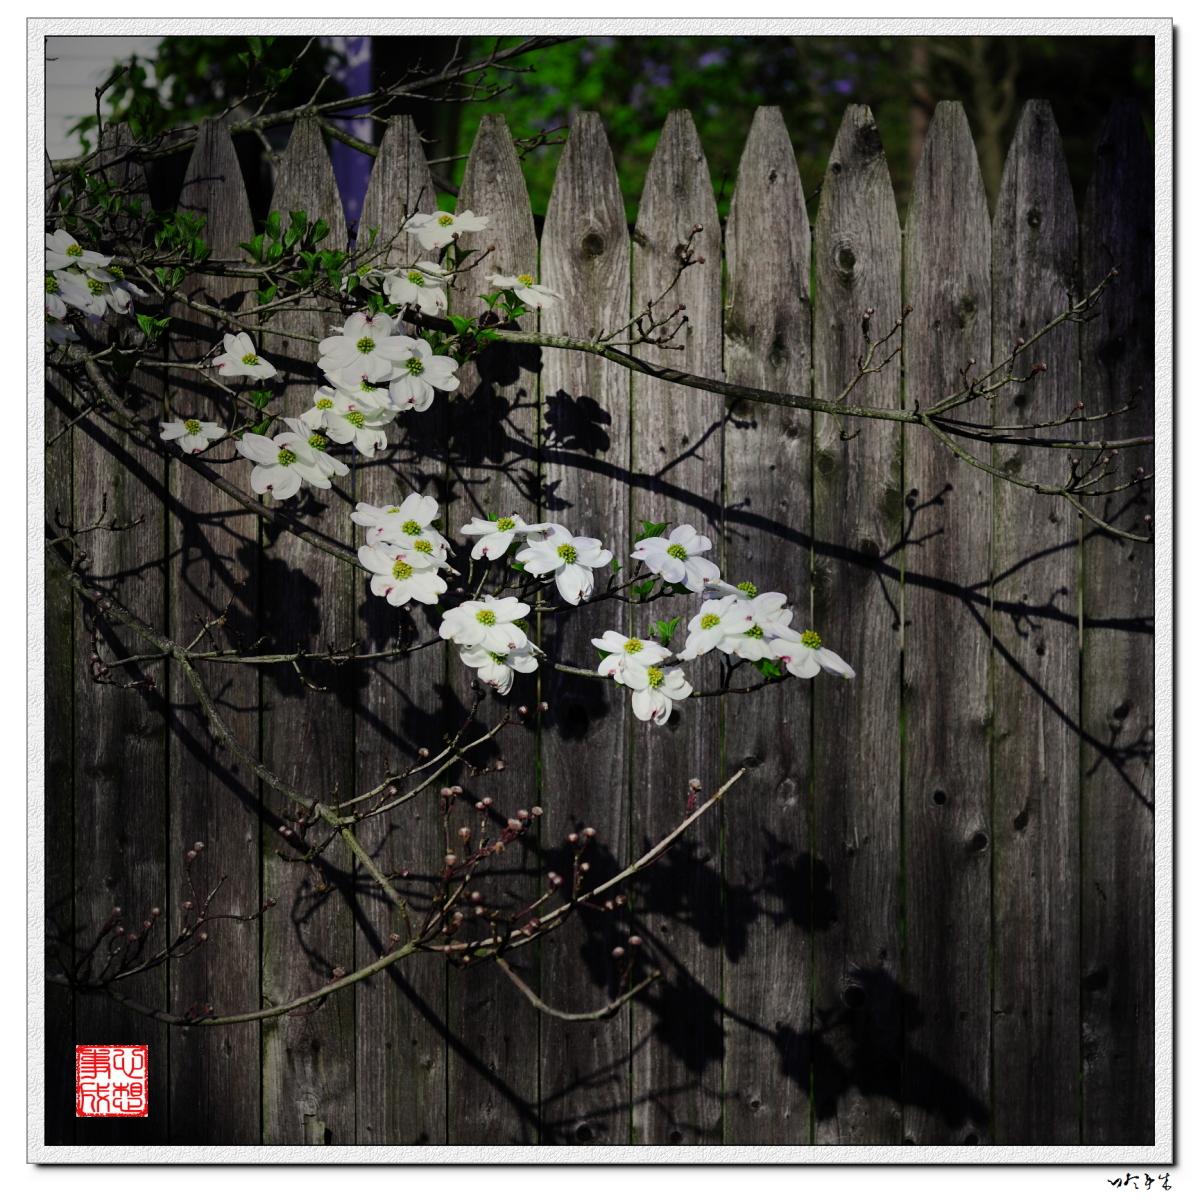 【心想事成】走进春天,感受春意_图1-11